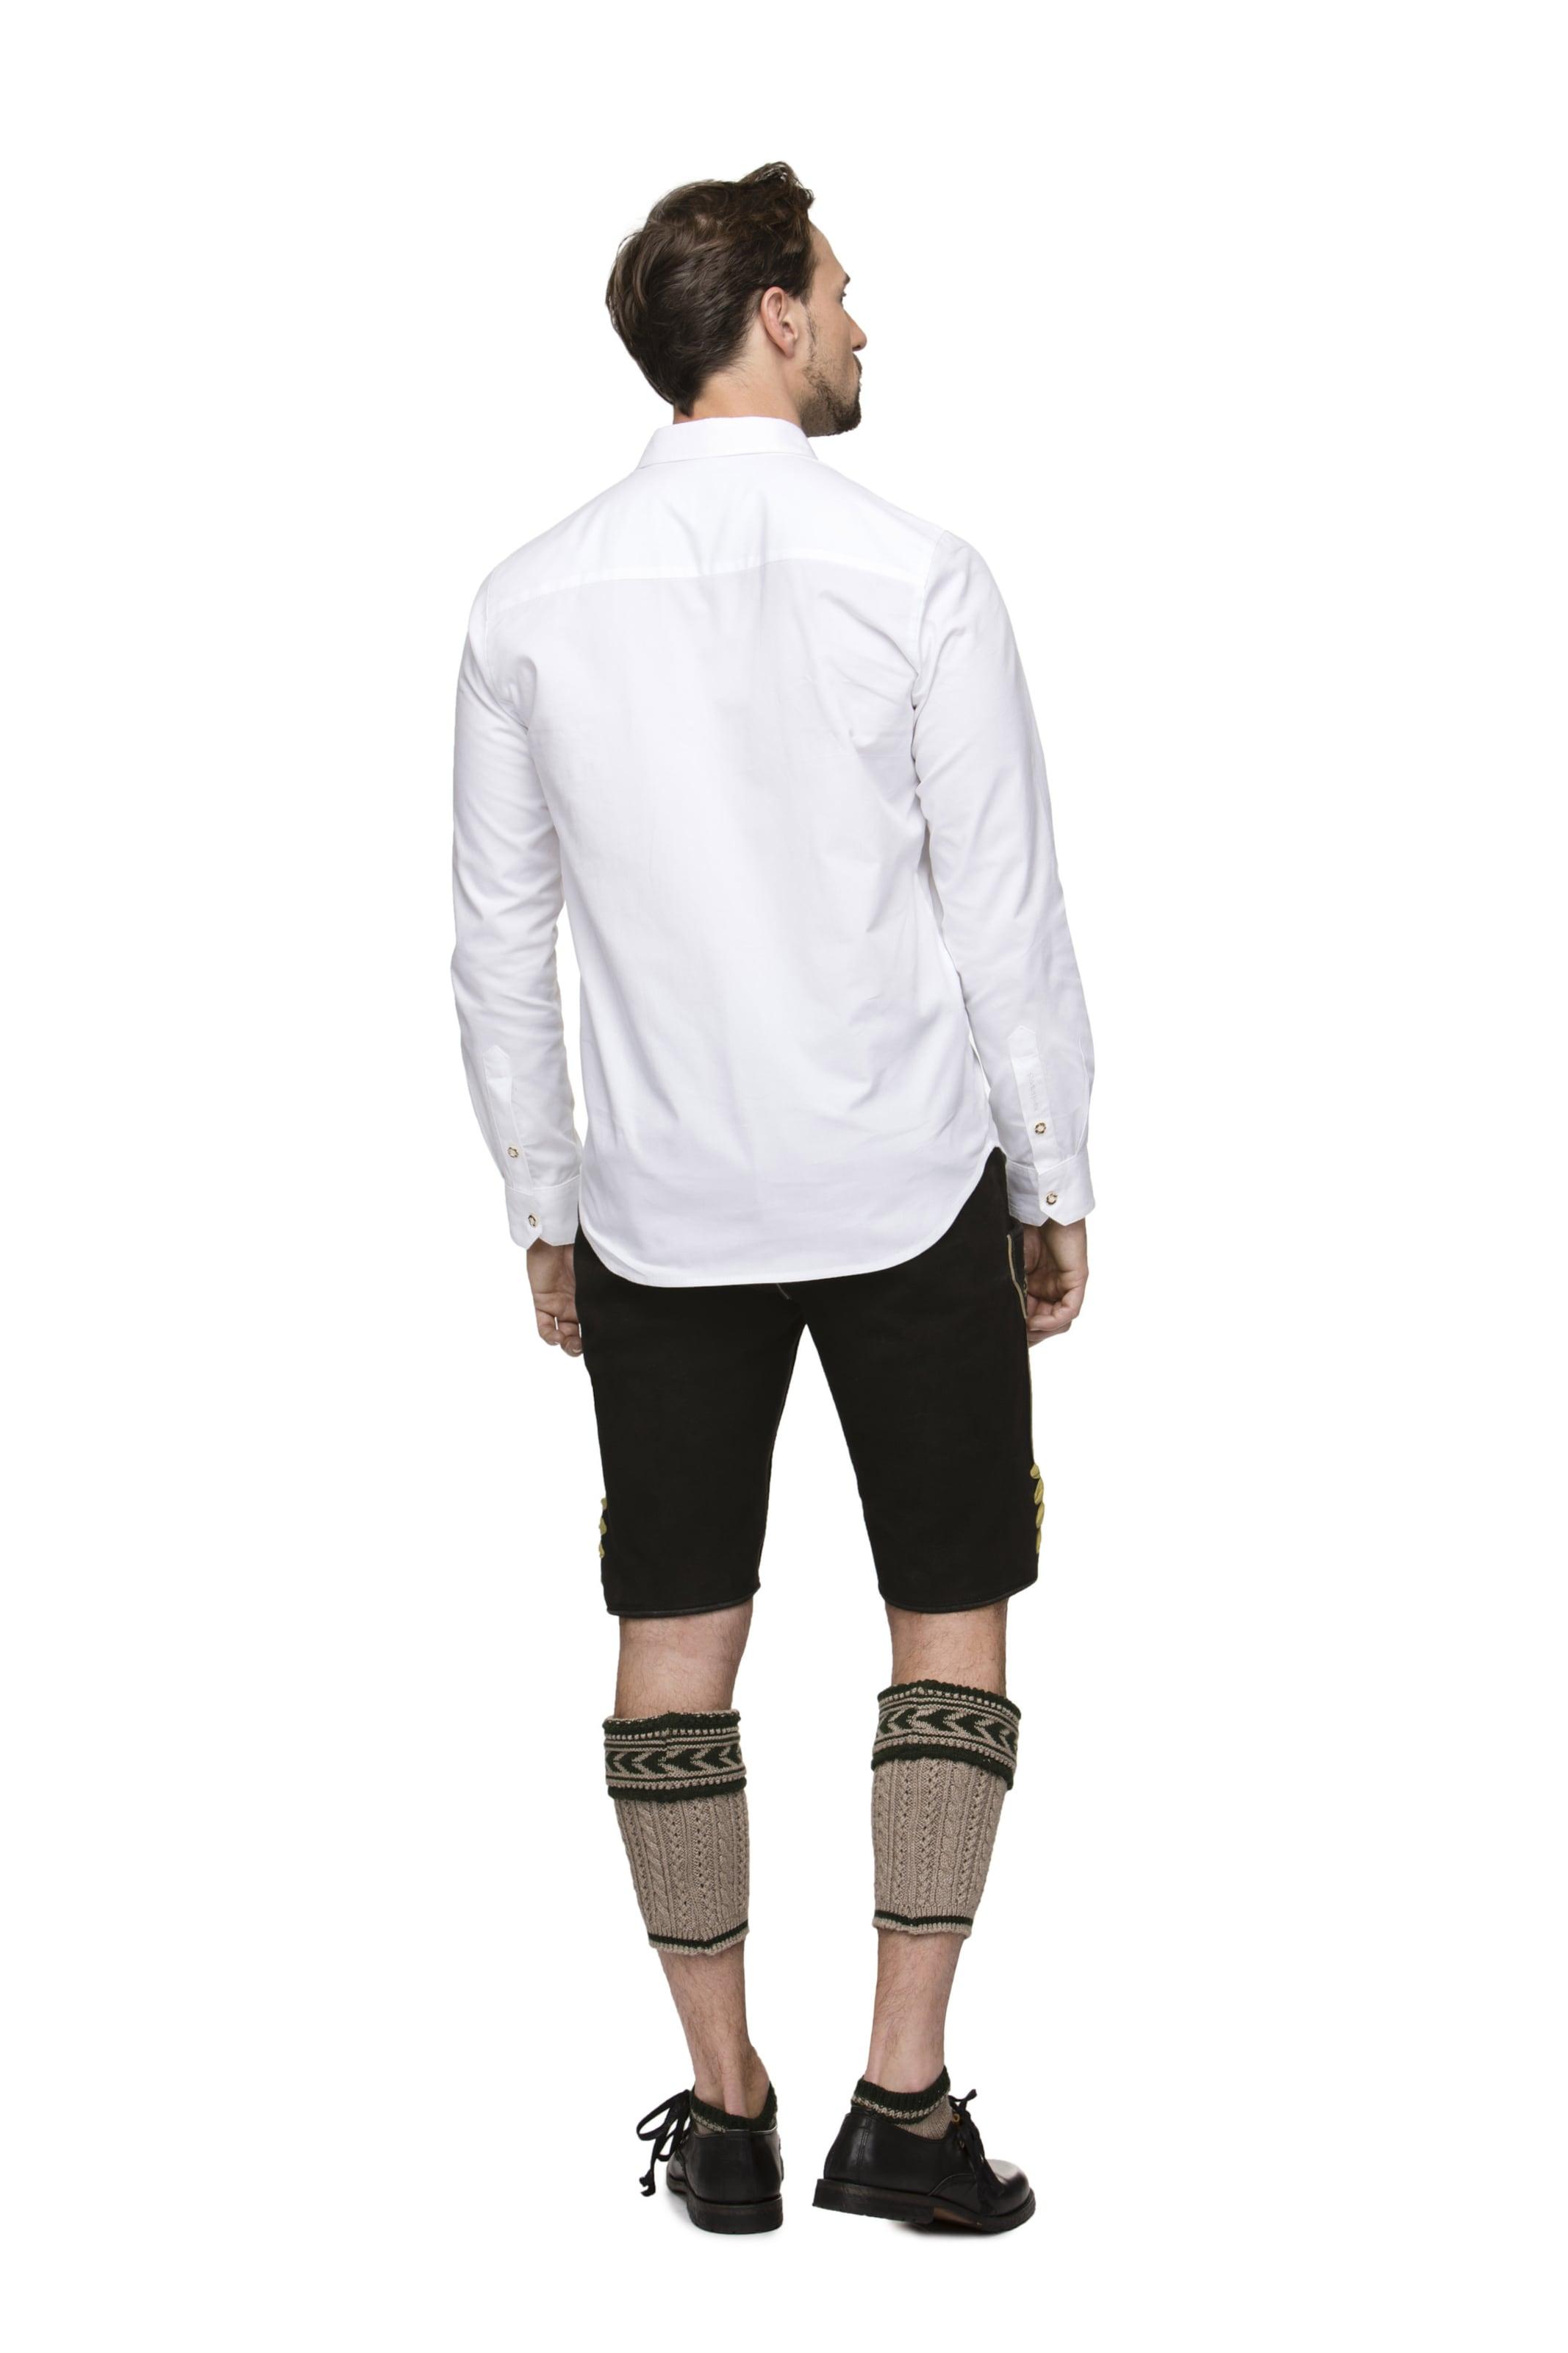 Steckdose Countdown-Paket  Wie Viel STOCKERPOINT Hemd 'Mika2' Shop-Angebot Günstig Online Erschwinglich Kaufen Billige Angebote OkHugXM